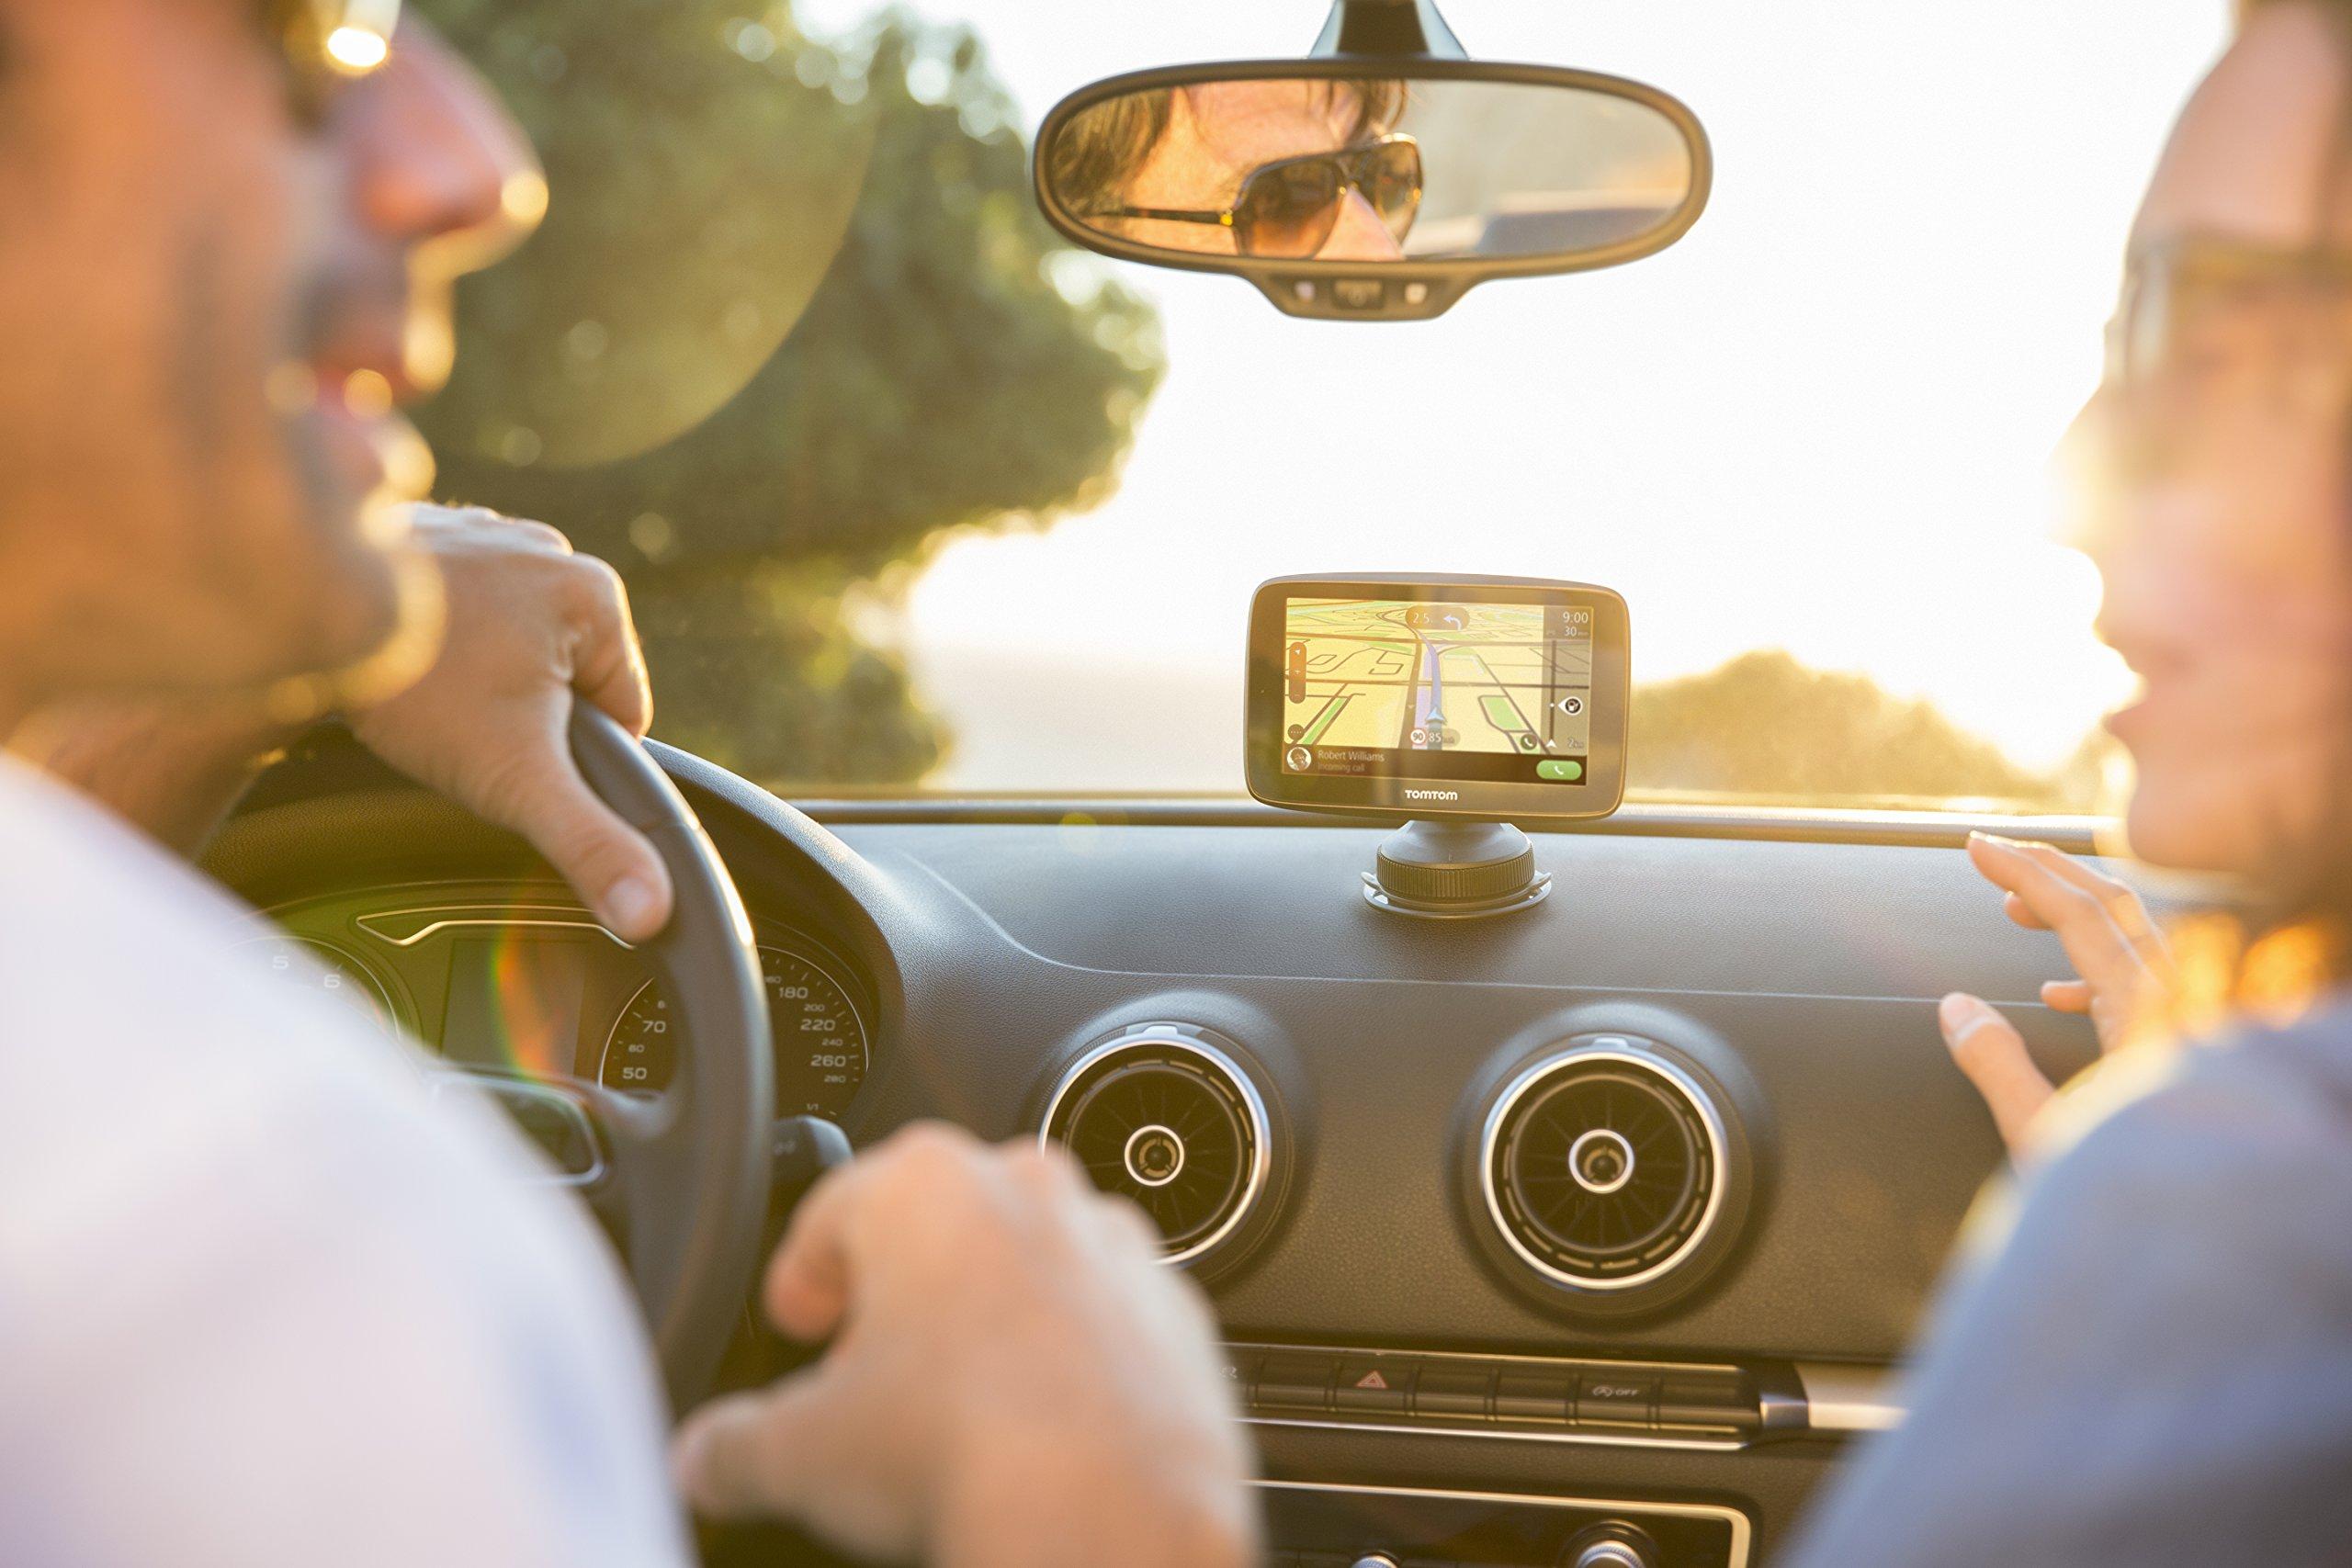 TomTom-GO-6200-World-Navigationsgert-6-Touchscreen-Flash-BatterieAkku-Zigarettenanznder-USB-interne